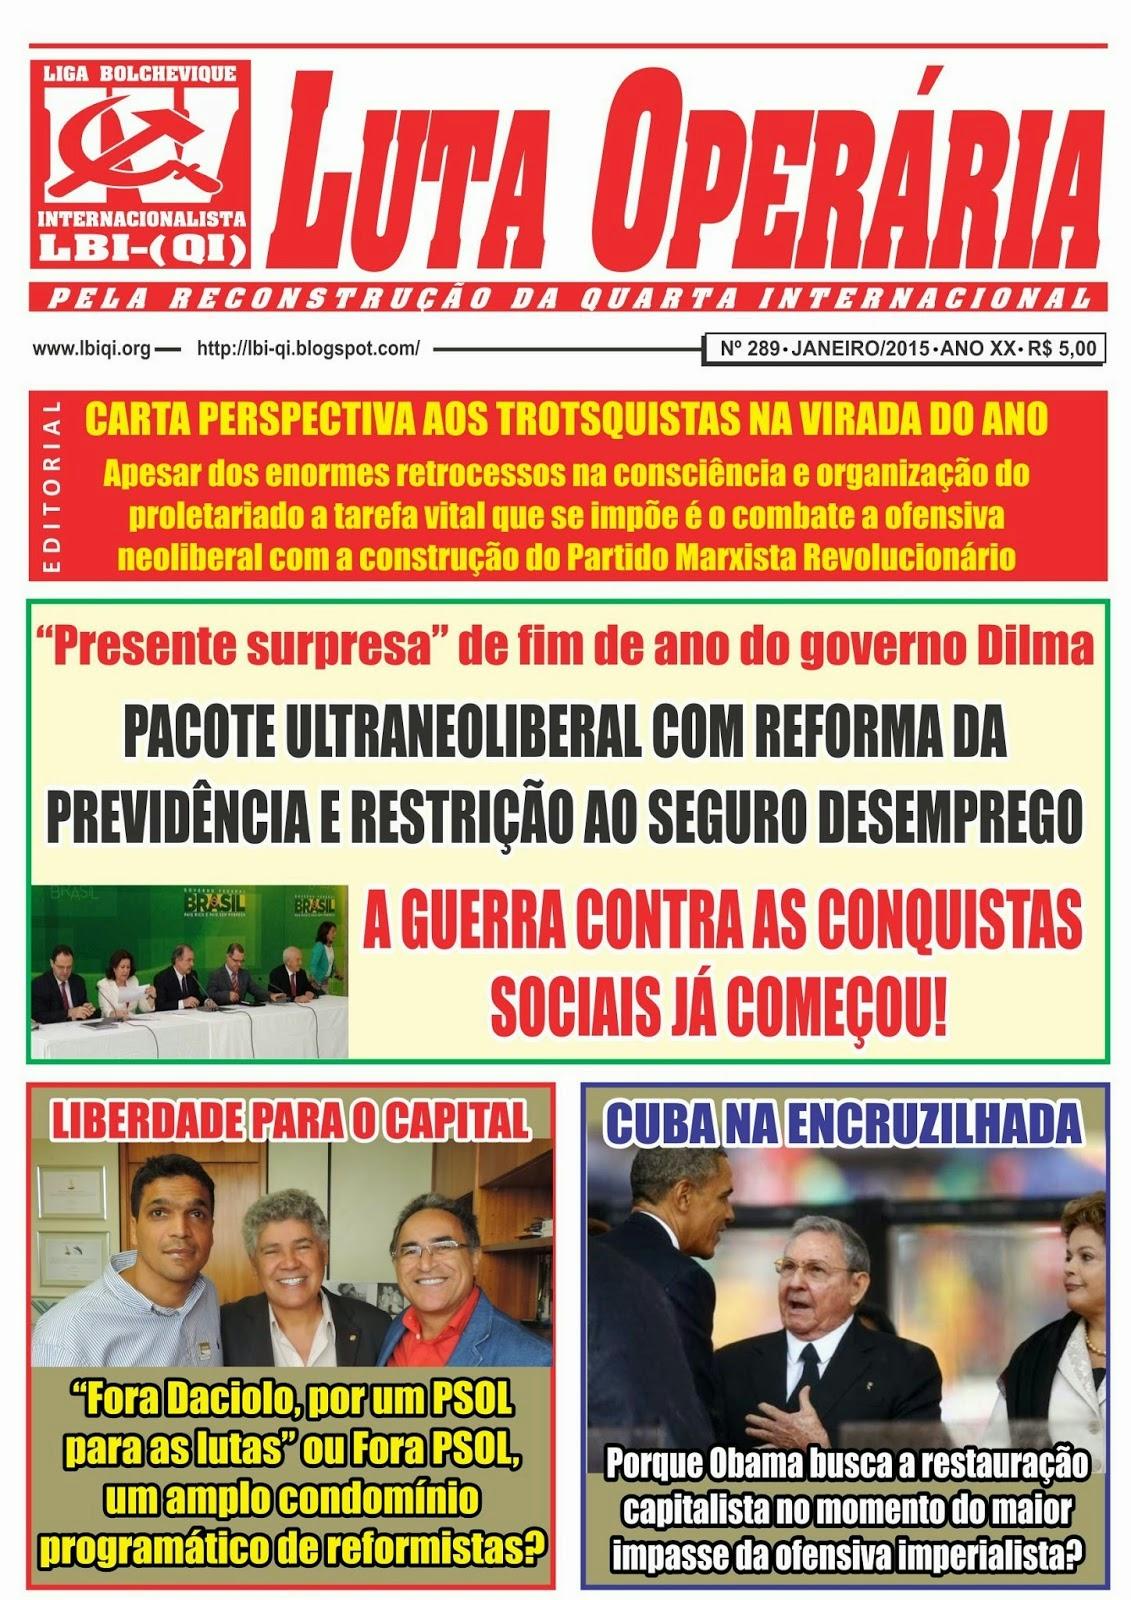 LEIA A EDIÇÃO DO JORNAL LUTA OPERÁRIA Nº 289, JANEIRO/2015